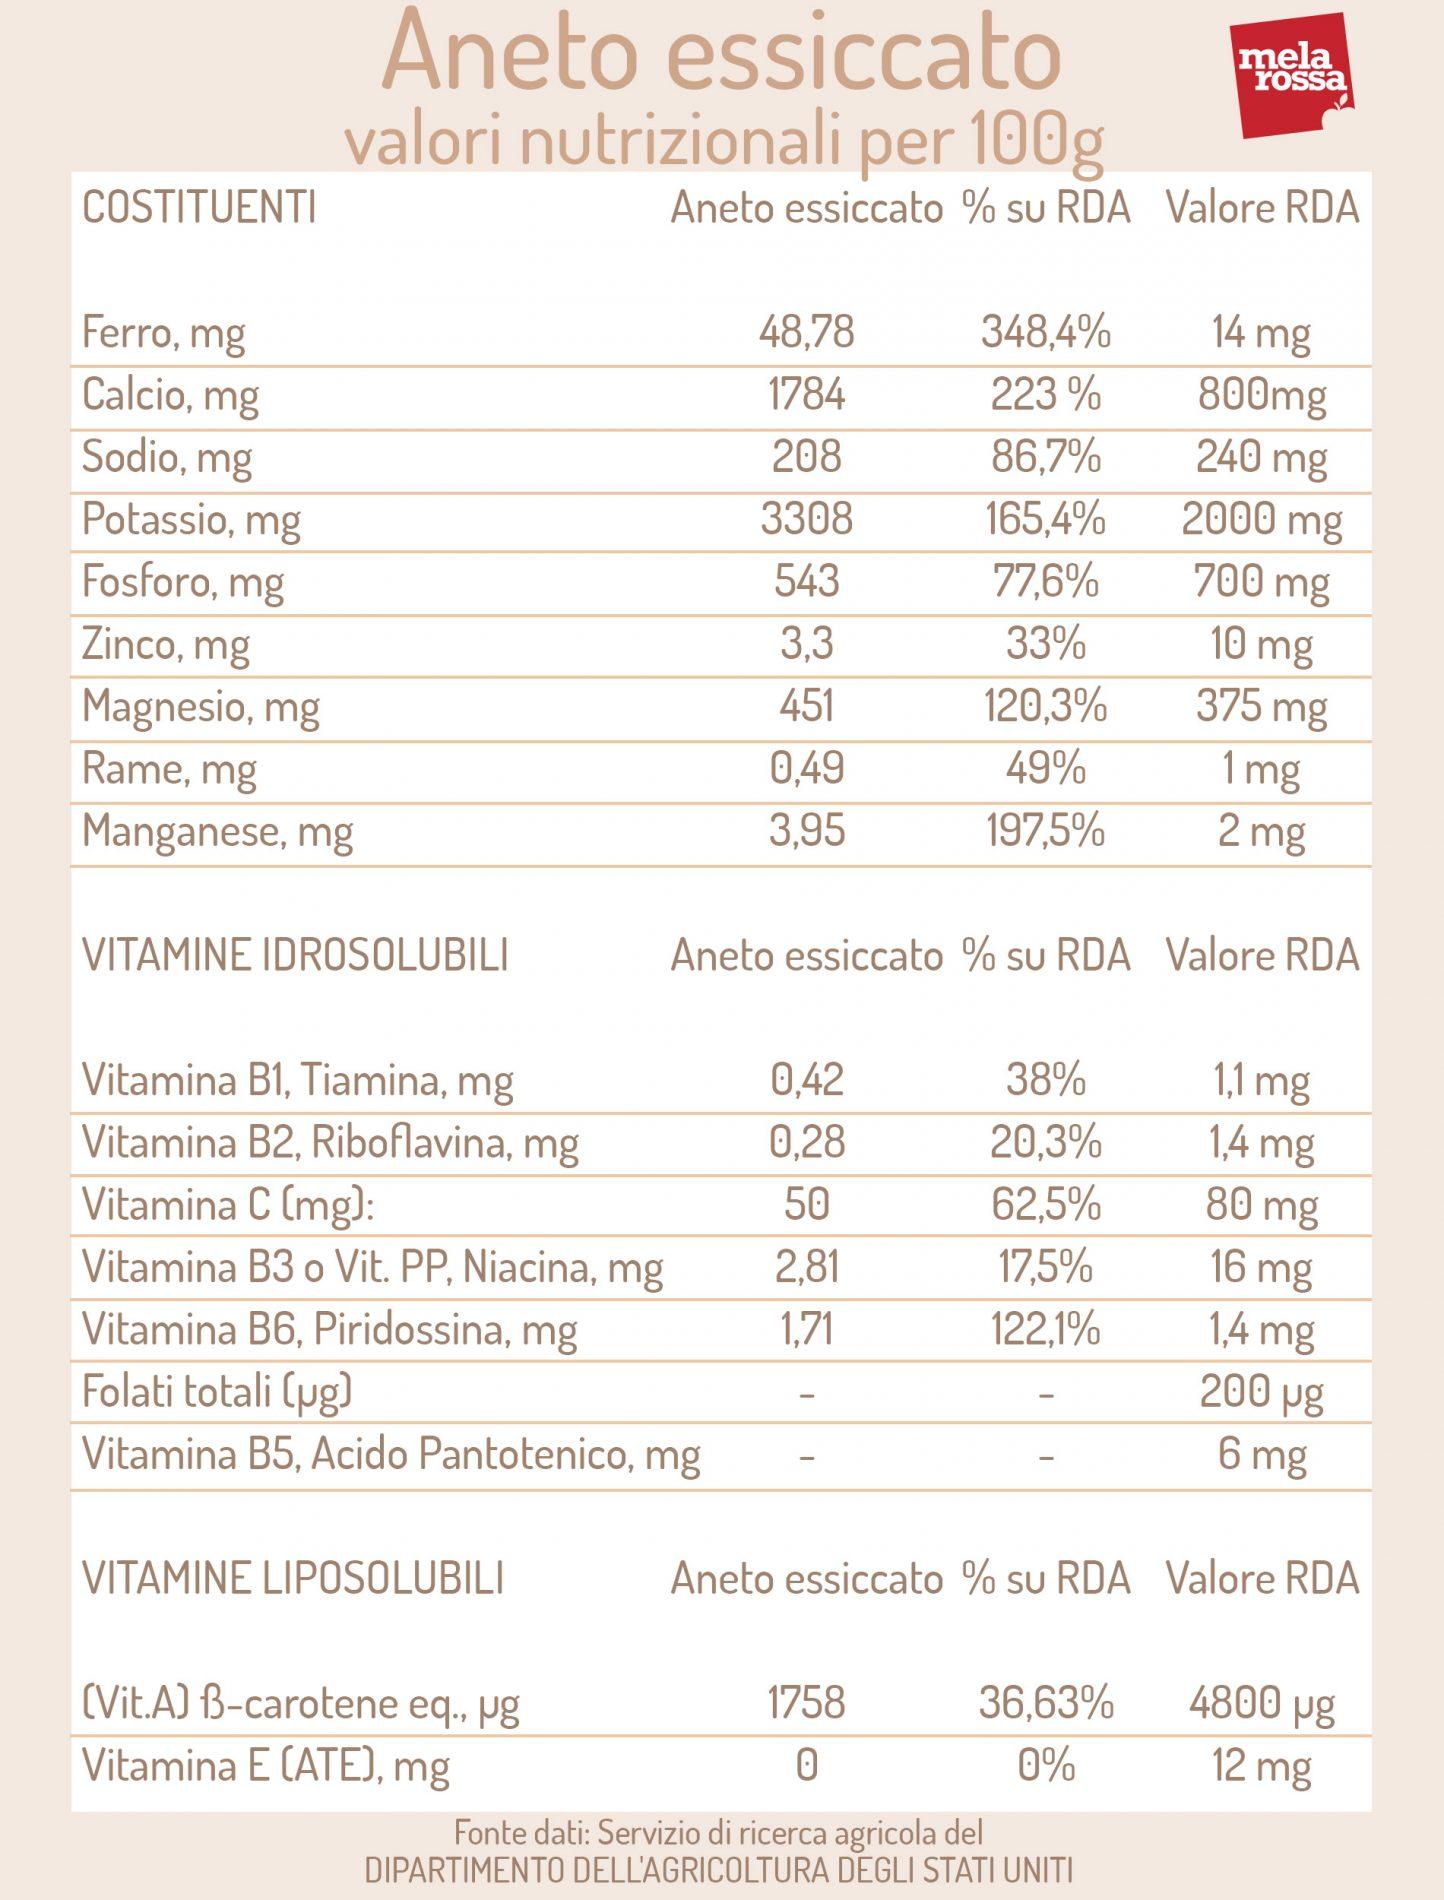 aneto essiccato: valori nutrizionali